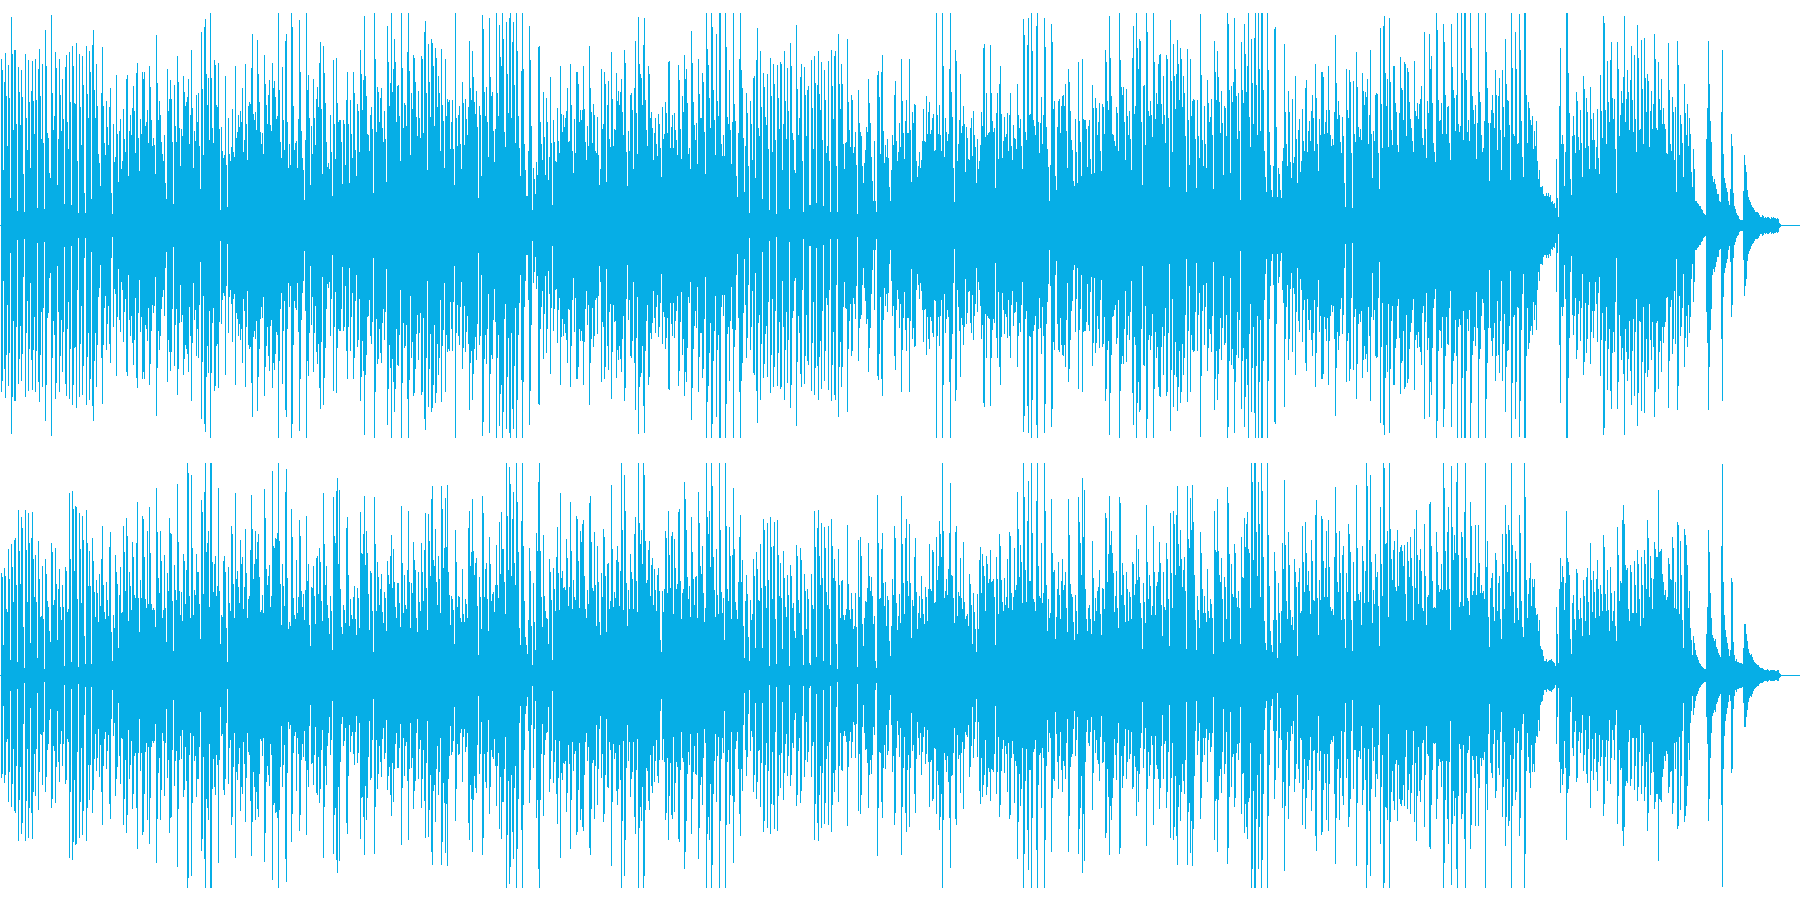 ピアノのフレンチジャズ風ポップスの再生済みの波形